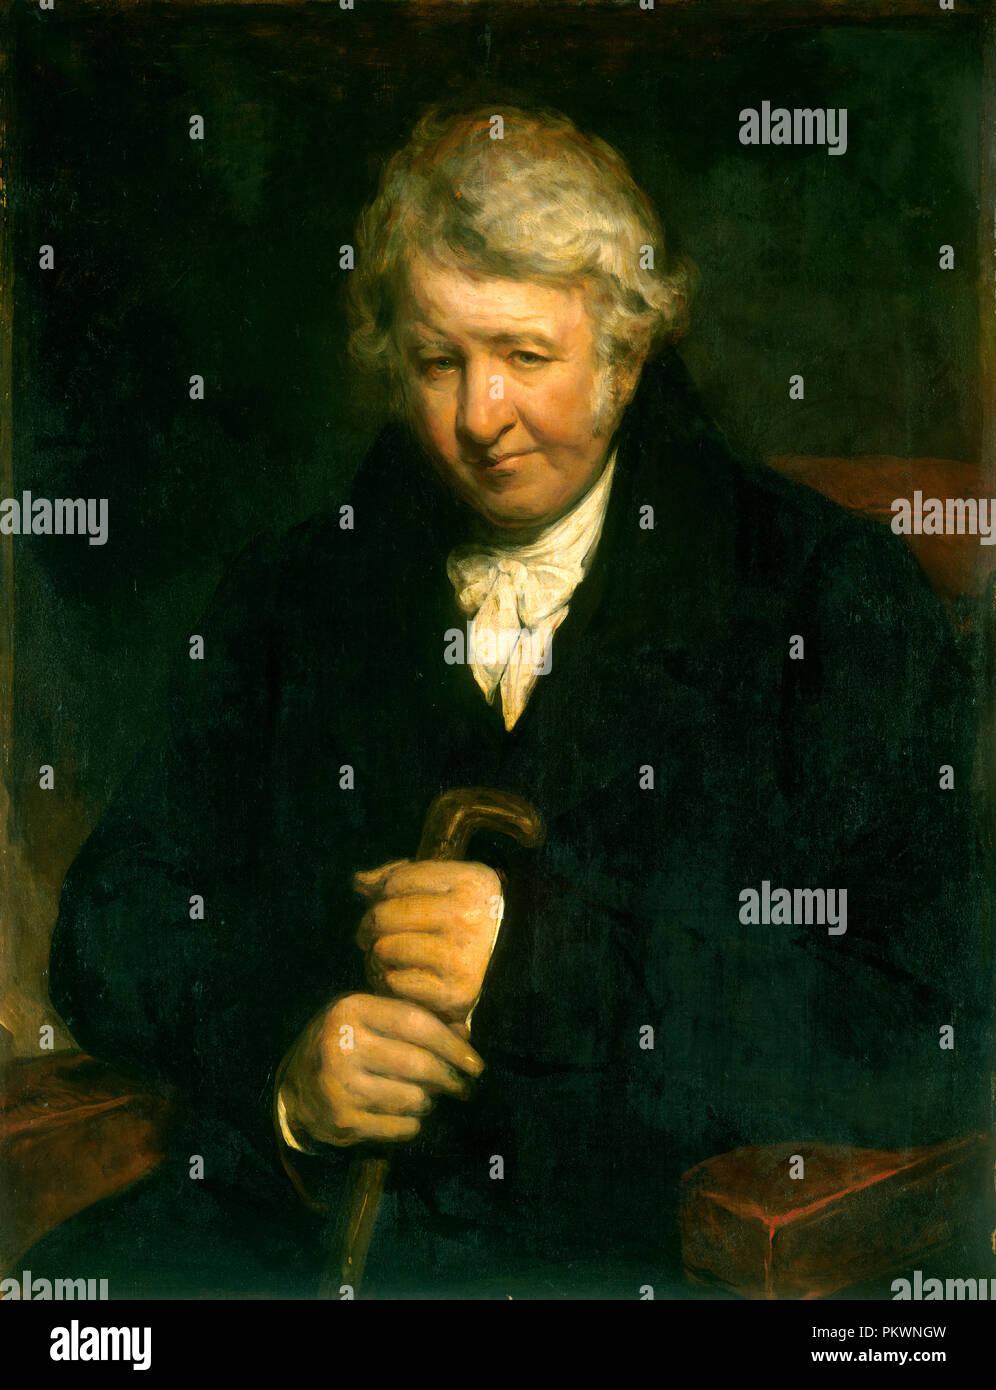 Il sig. Tucker di Yeovil. Data: c. 1800/1820. Dimensioni: complessivo: 91,3 x 71,4 cm (35 15/16 x 28 1/8 in.) incorniciato: 106,7 x 86,4 cm (42 x 34 in.). Medium: olio su tela. Museo: National Gallery of Art di Washington DC. Autore: British del XIX secolo. Immagini Stock